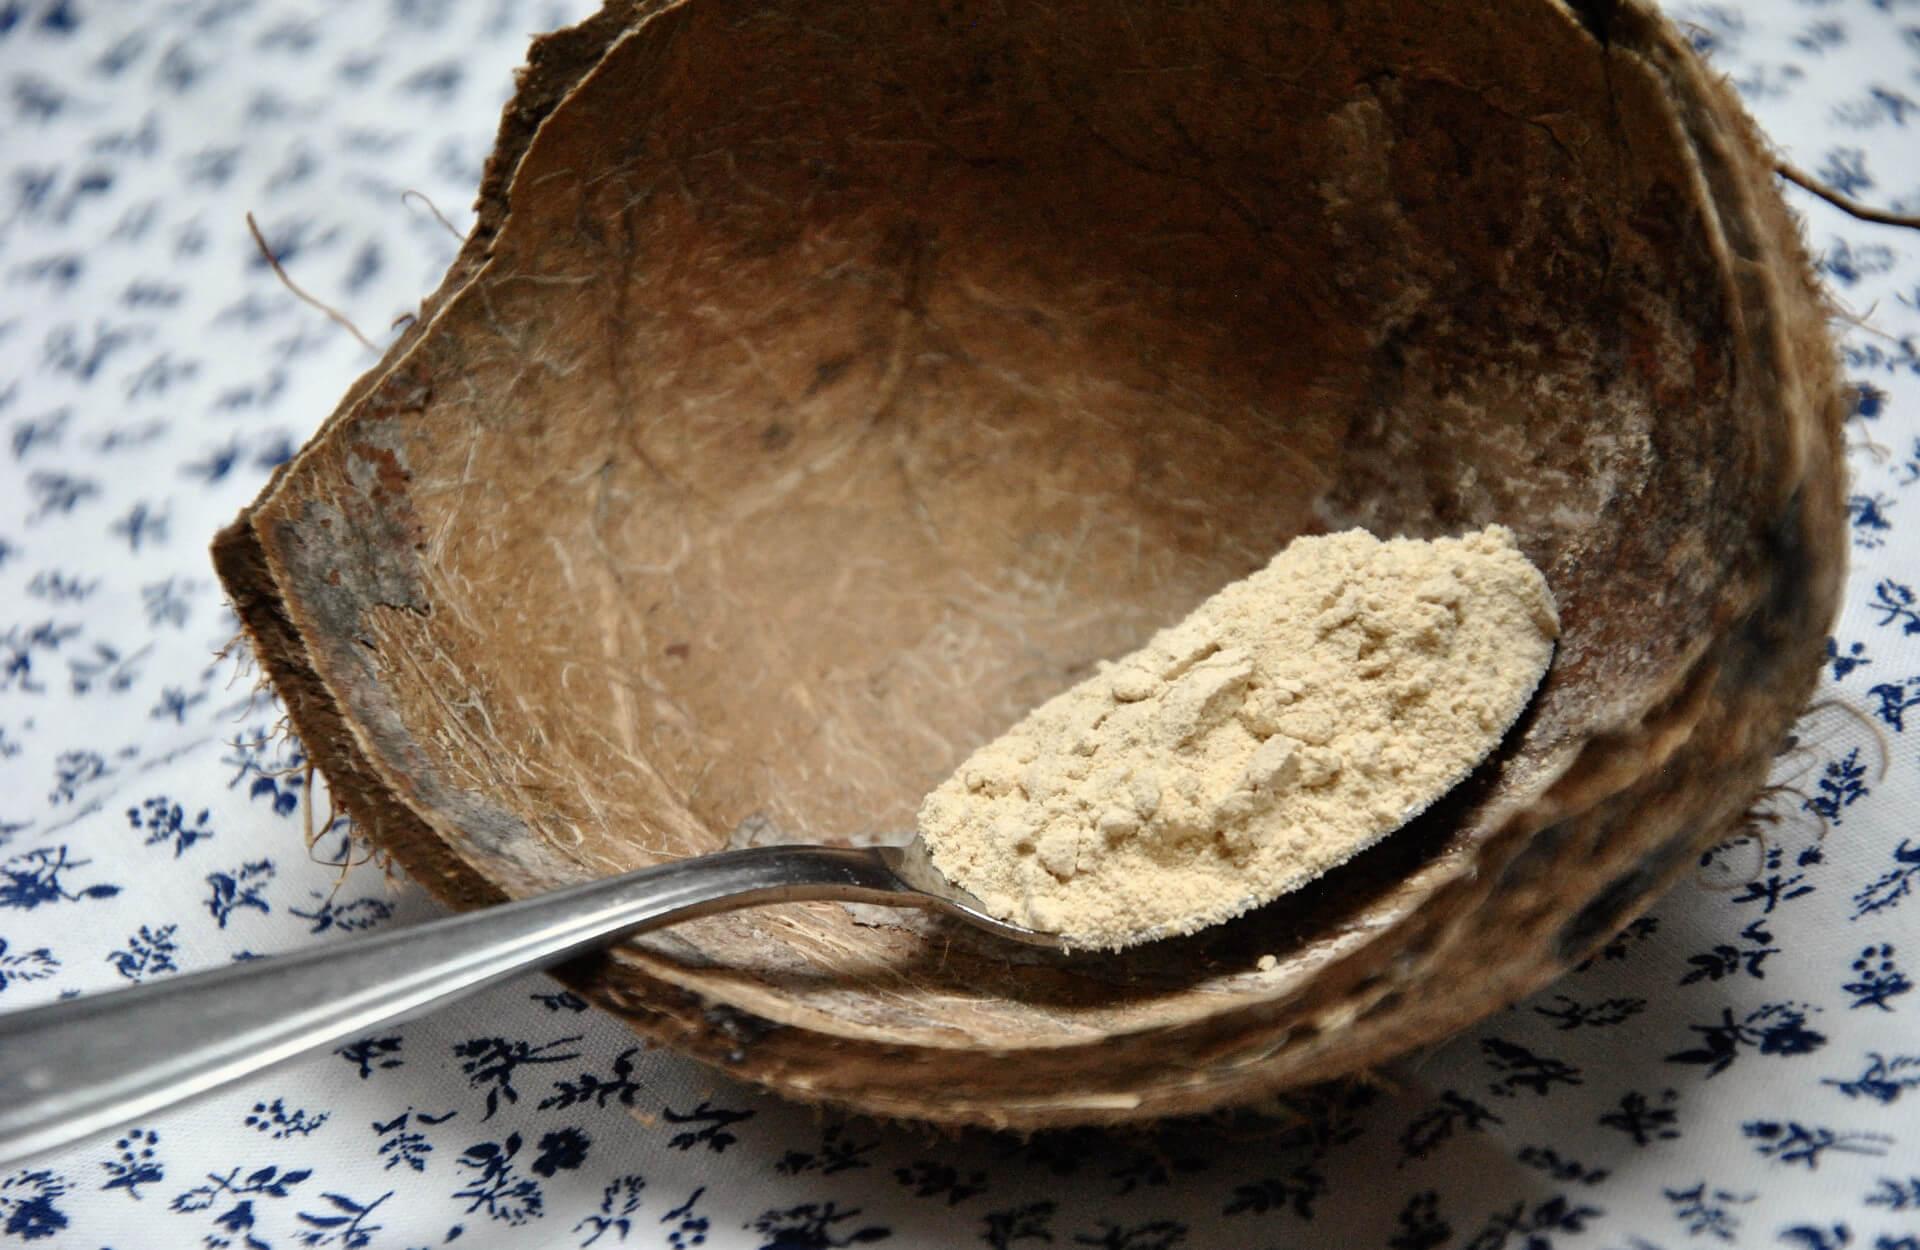 Maca als Nahrungsergänzung bewirkt wahre Wunder in Bezug auf unsere Gesundheit. Testet es einfach einmal aus.